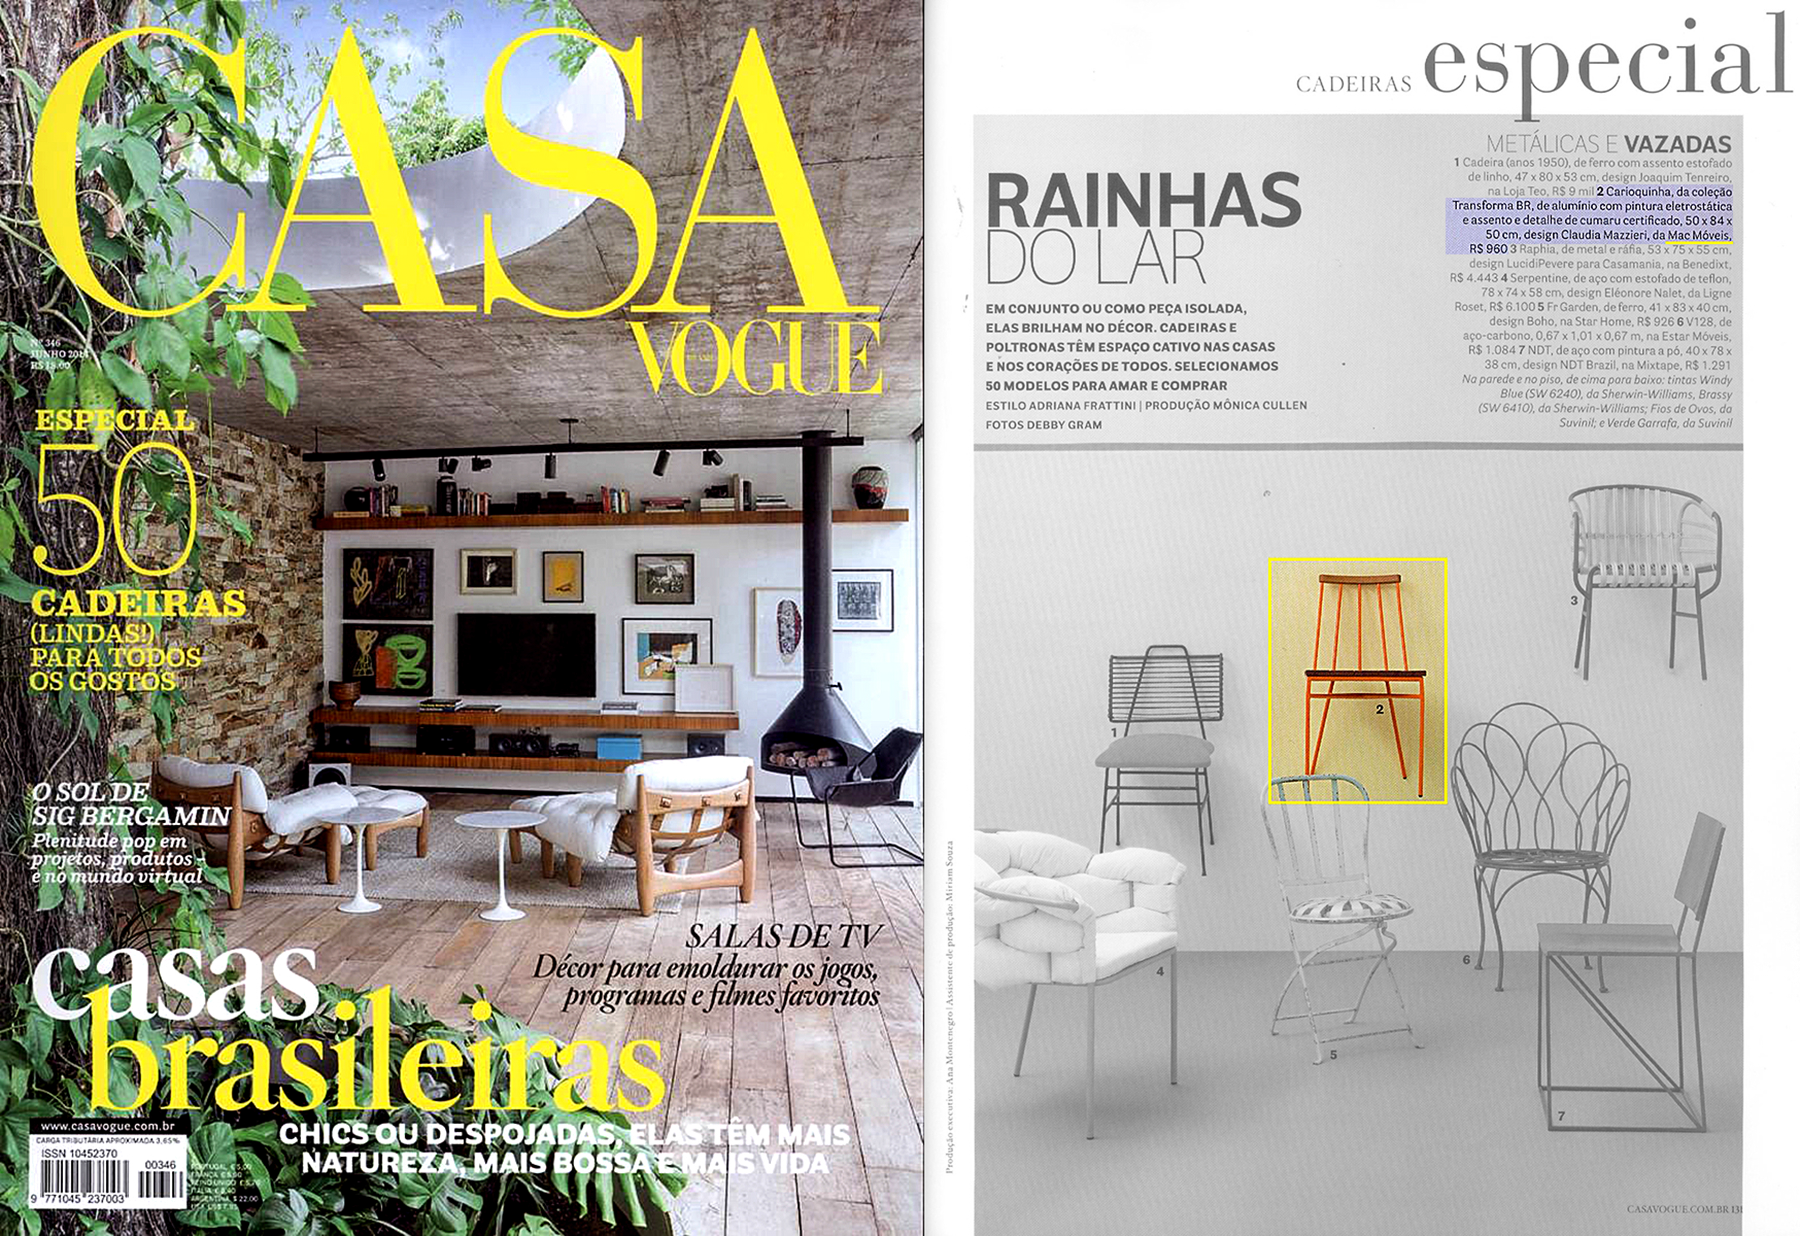 Casa Vogue nº 346 - June 2014